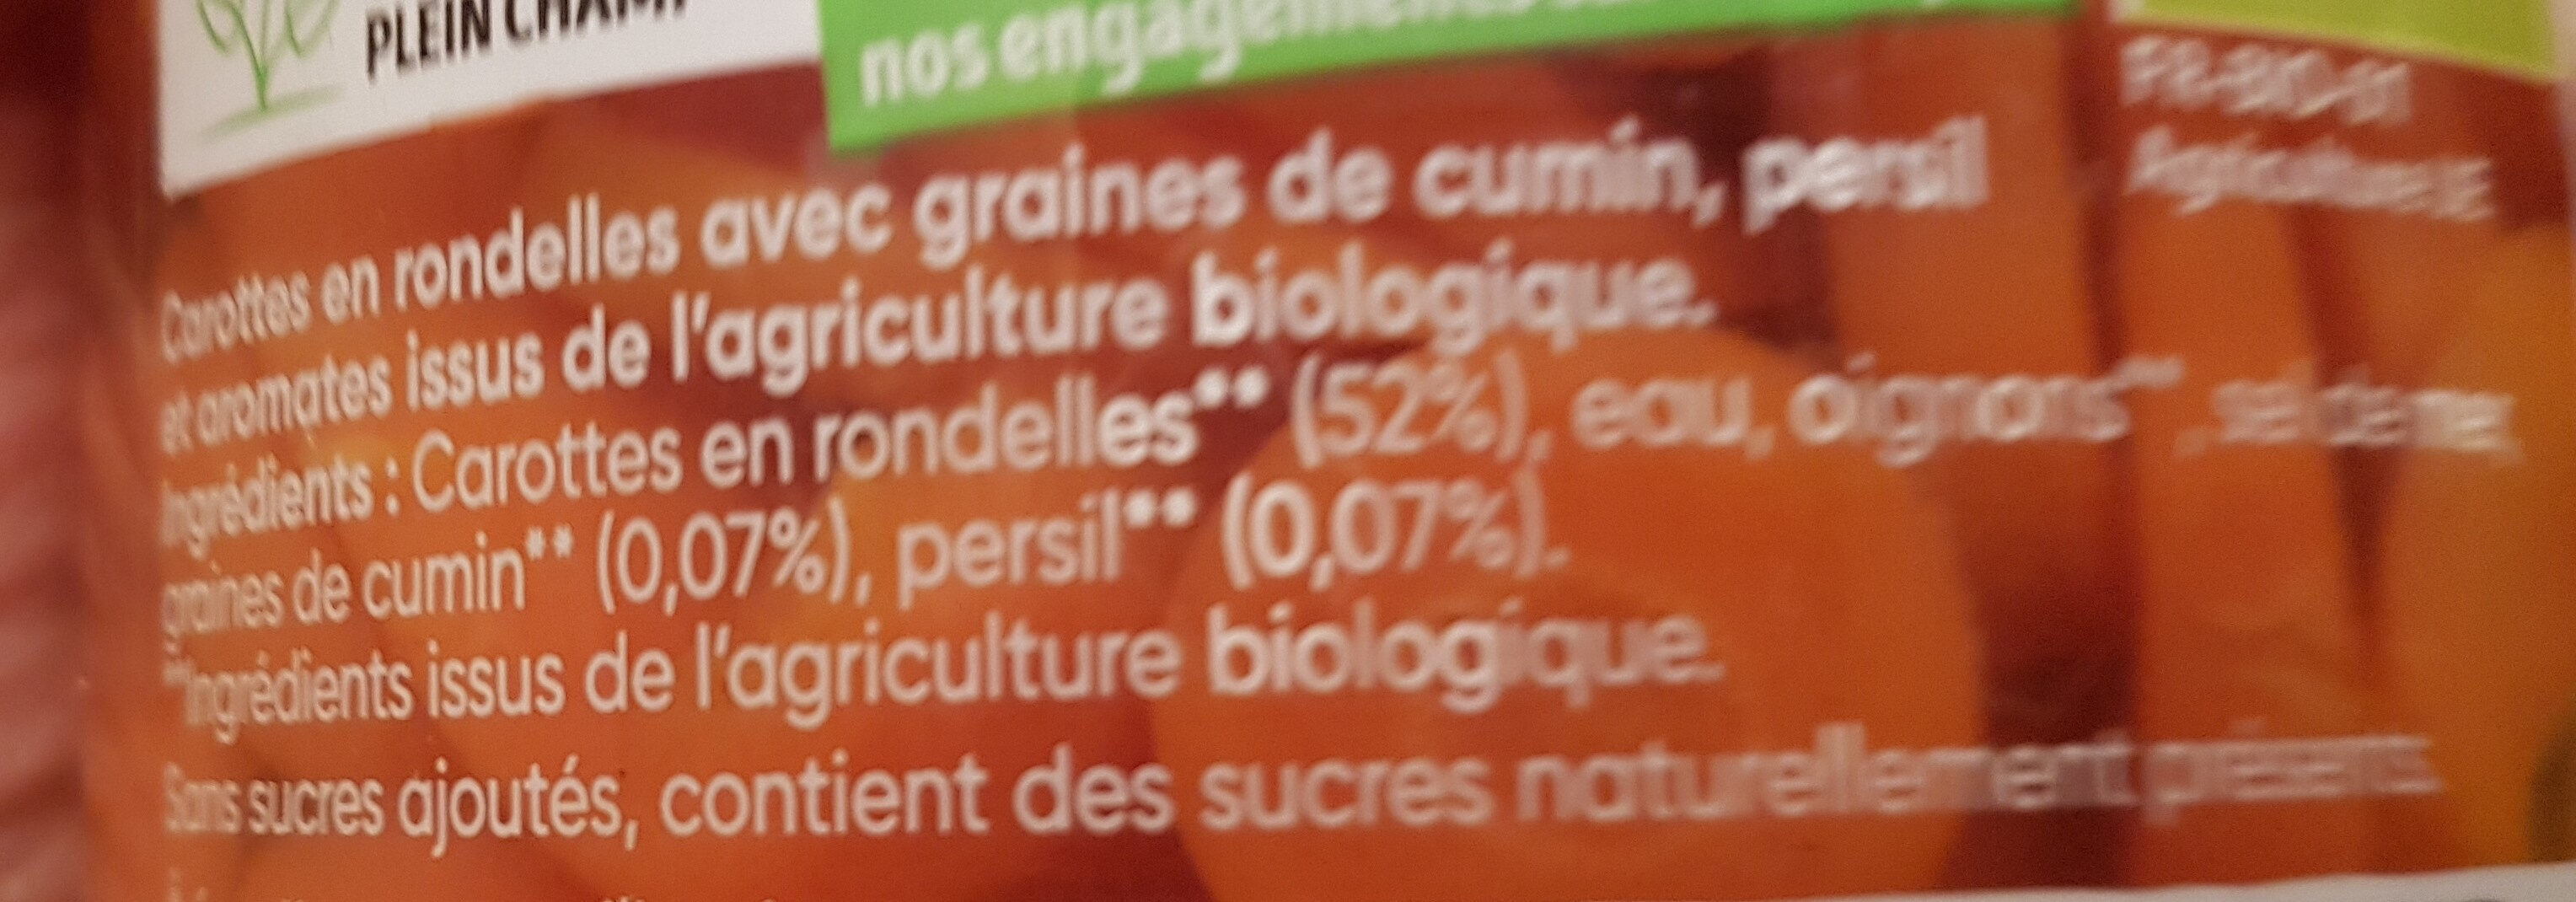 Carottes aux graines de cumin & persil - Ingredients - fr